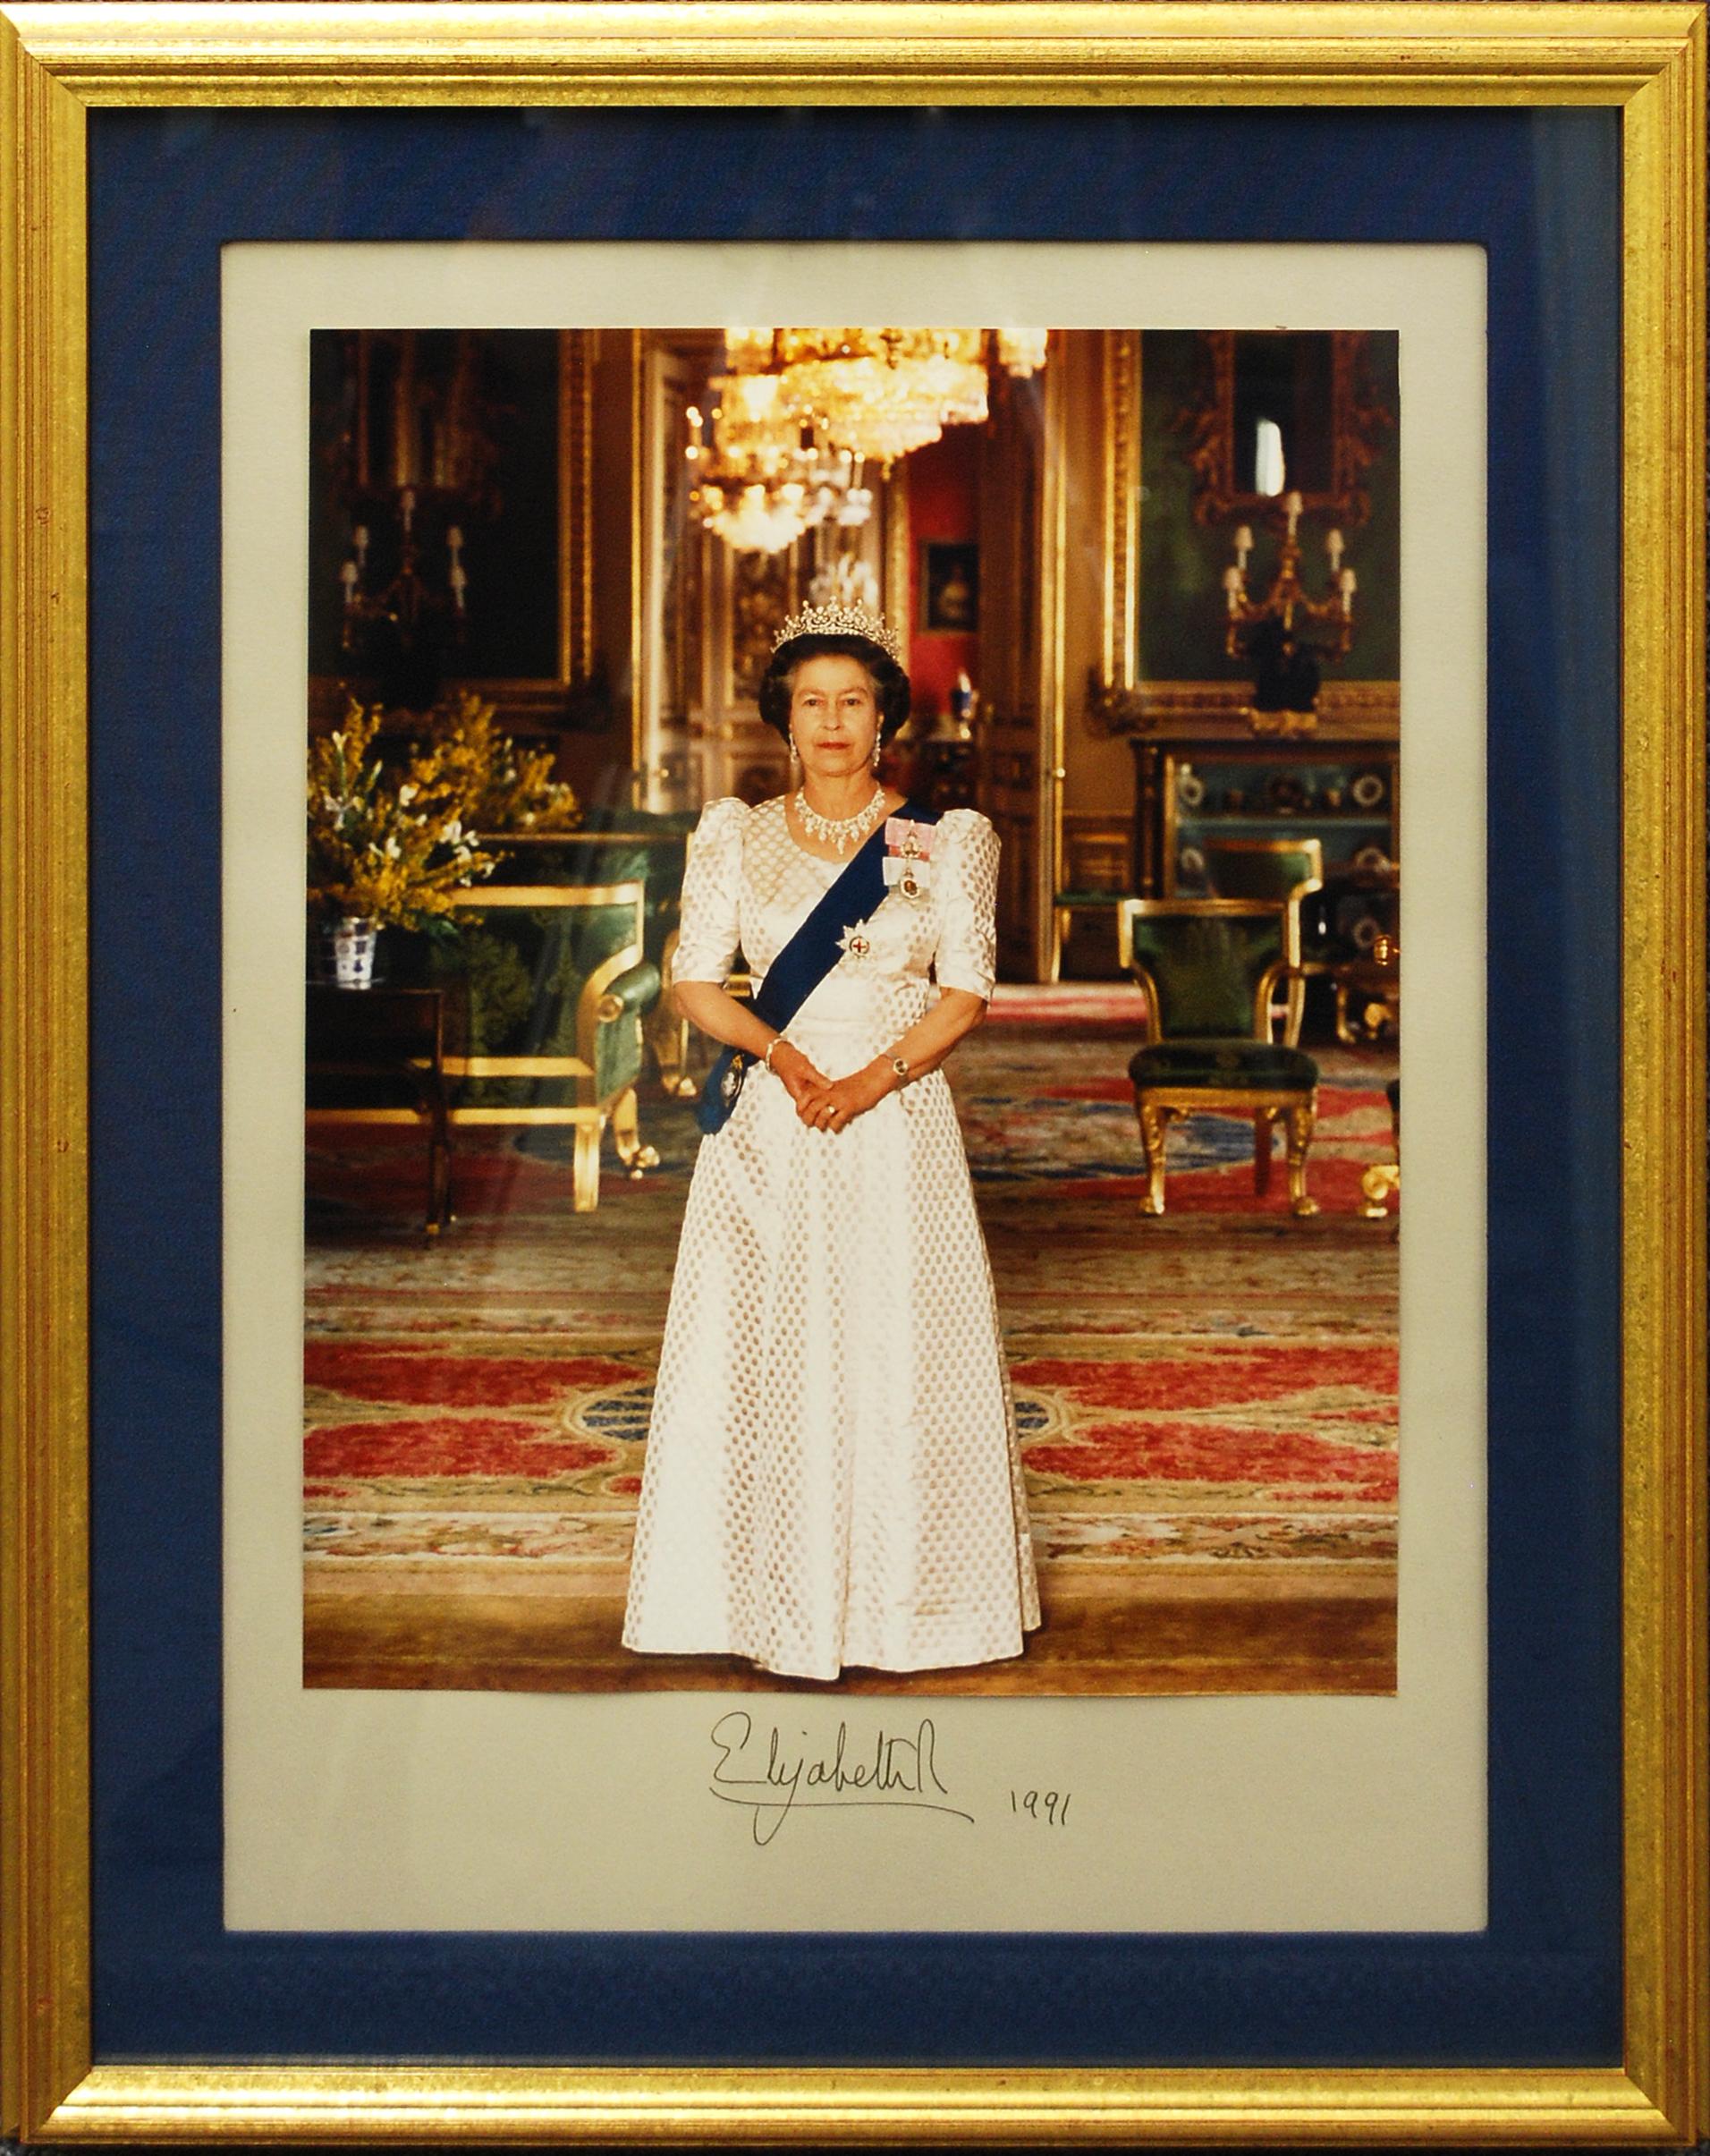 Object: Photos & letter (Queen Elizabeth II) | UTSA Institute Of Texan Cultures